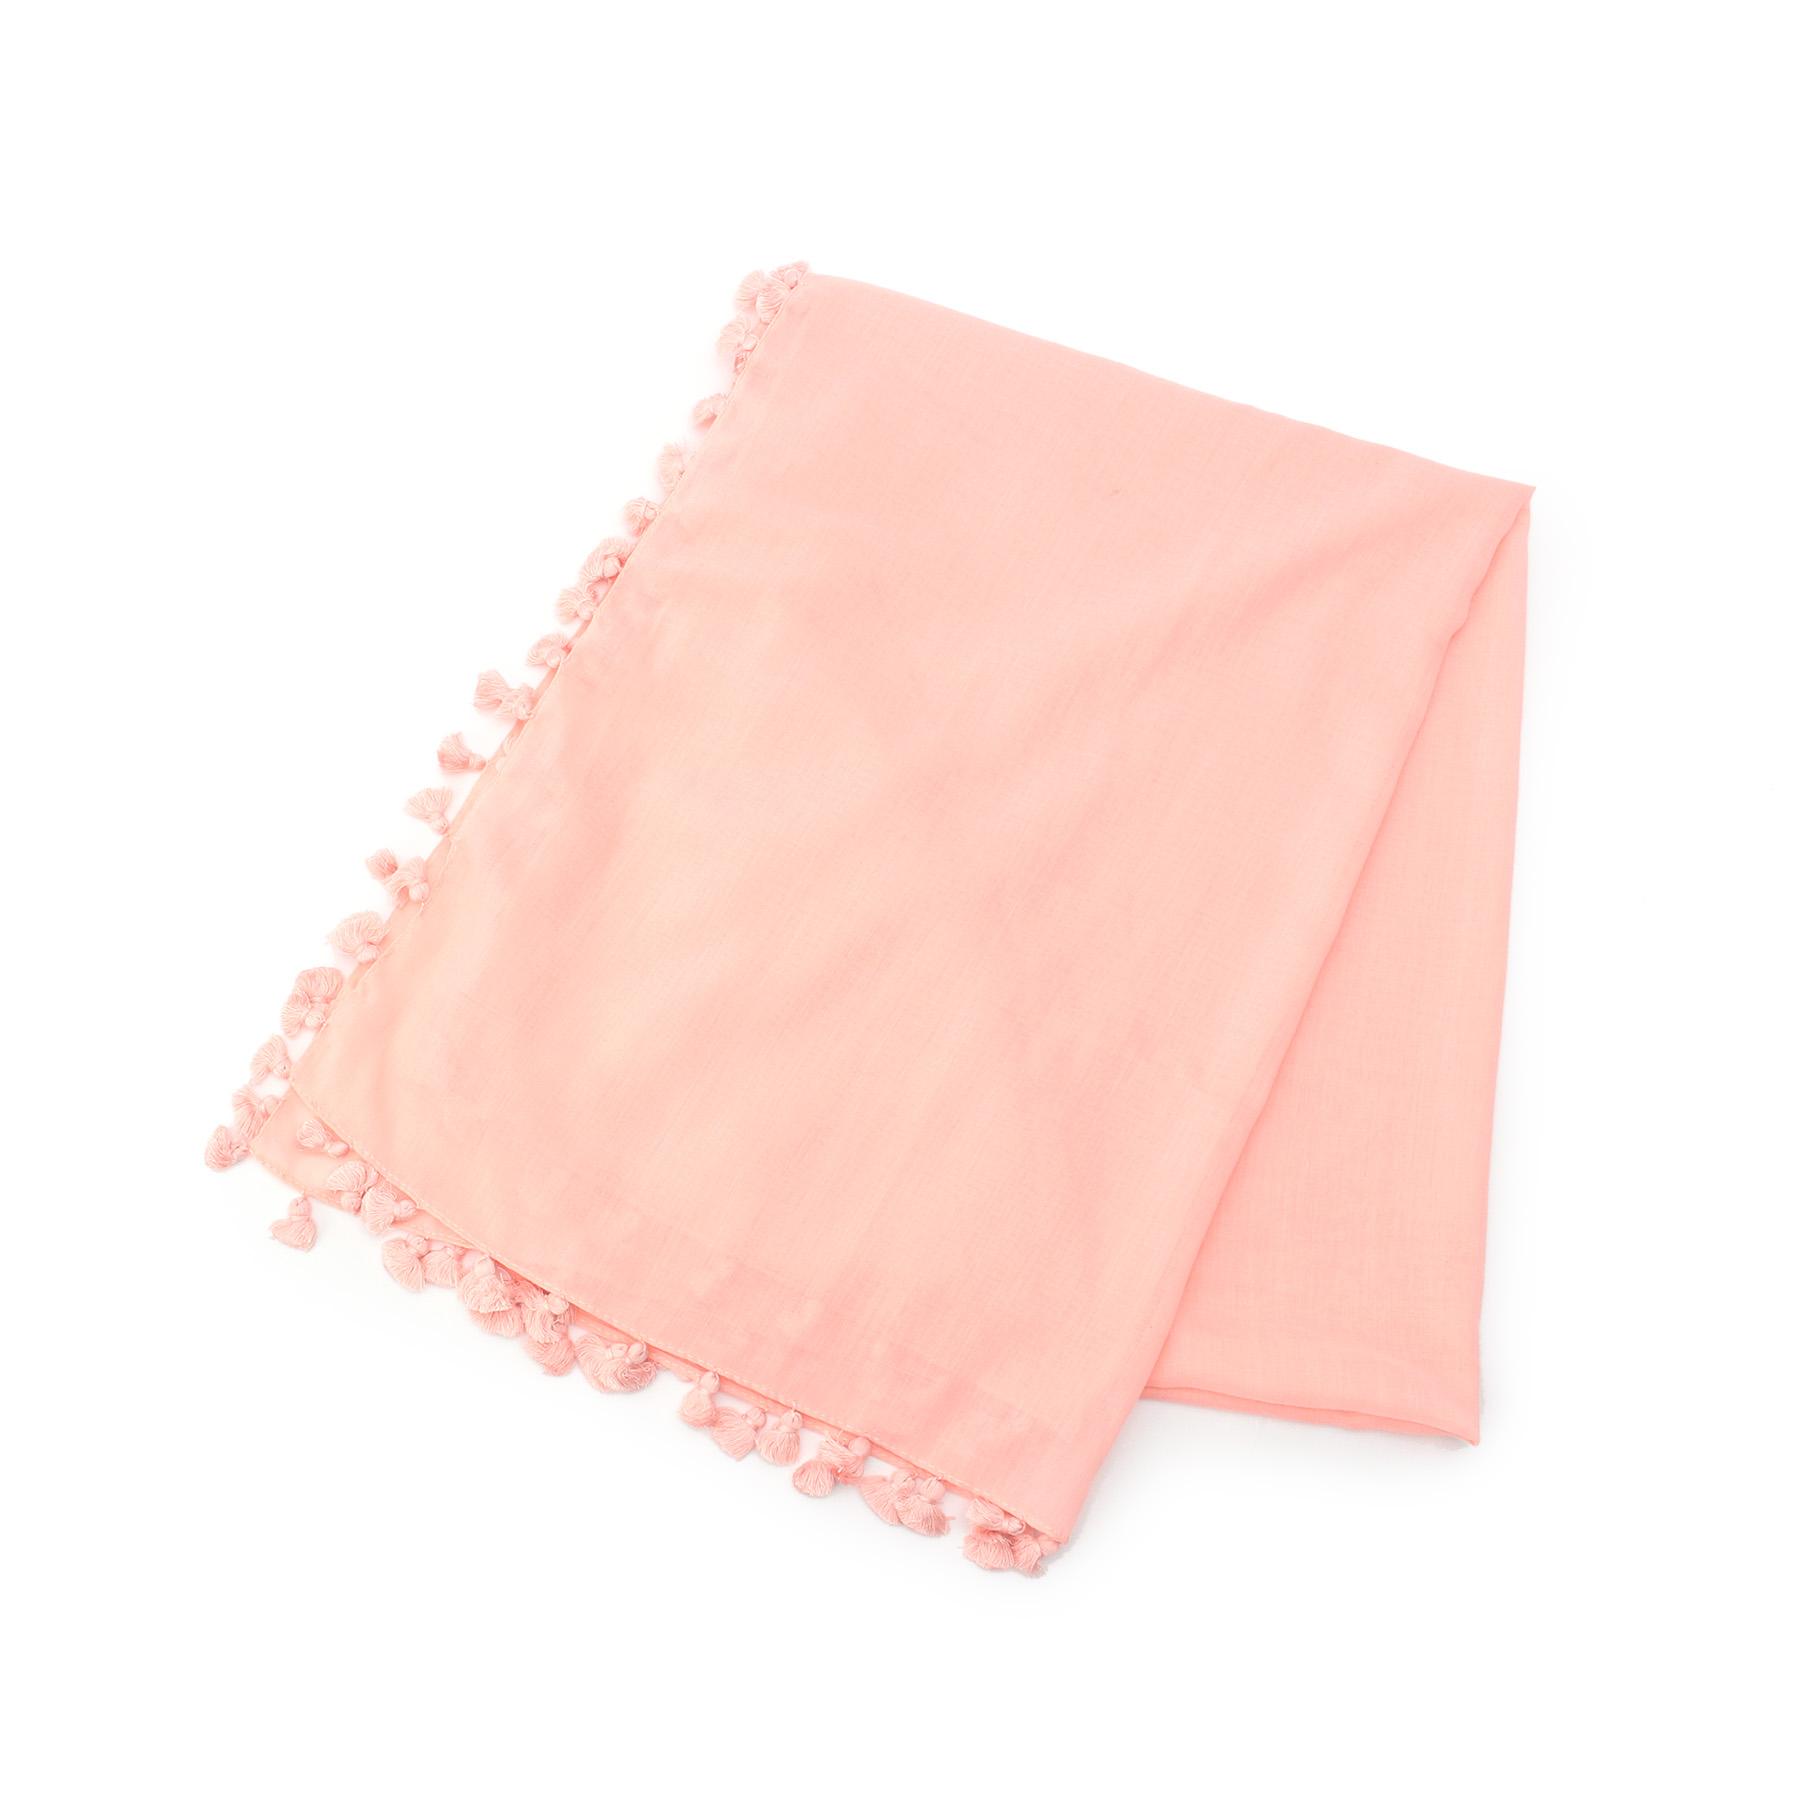 【Couture brooch (クチュールブローチ)】春カラーポンポンストールレディース 雑貨 マフラー・ストール ベビーピンク